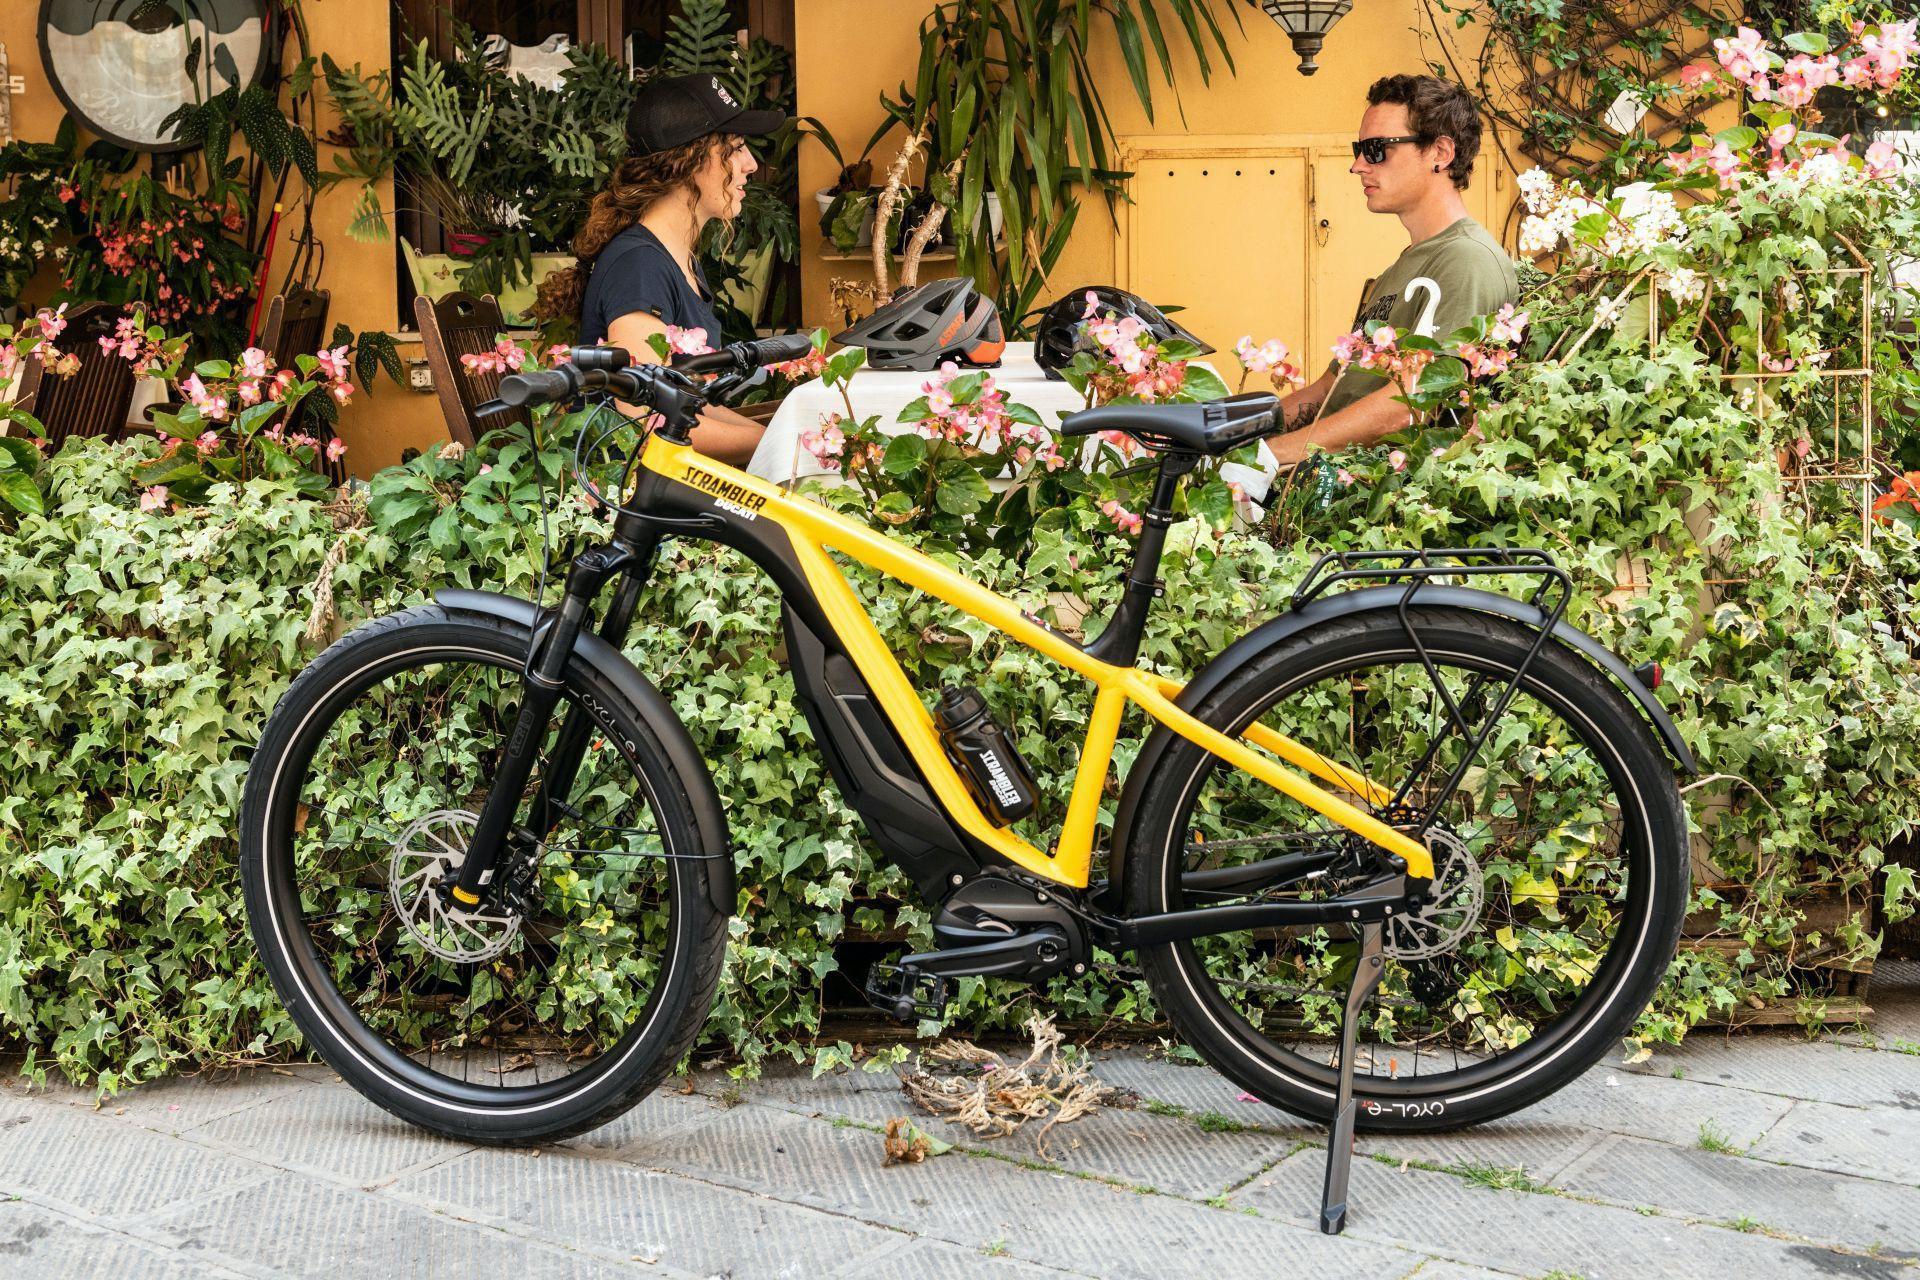 Khám phá xe đạp điện của Ducati có giá lên tới trăm triệu đồng Ảnh 4